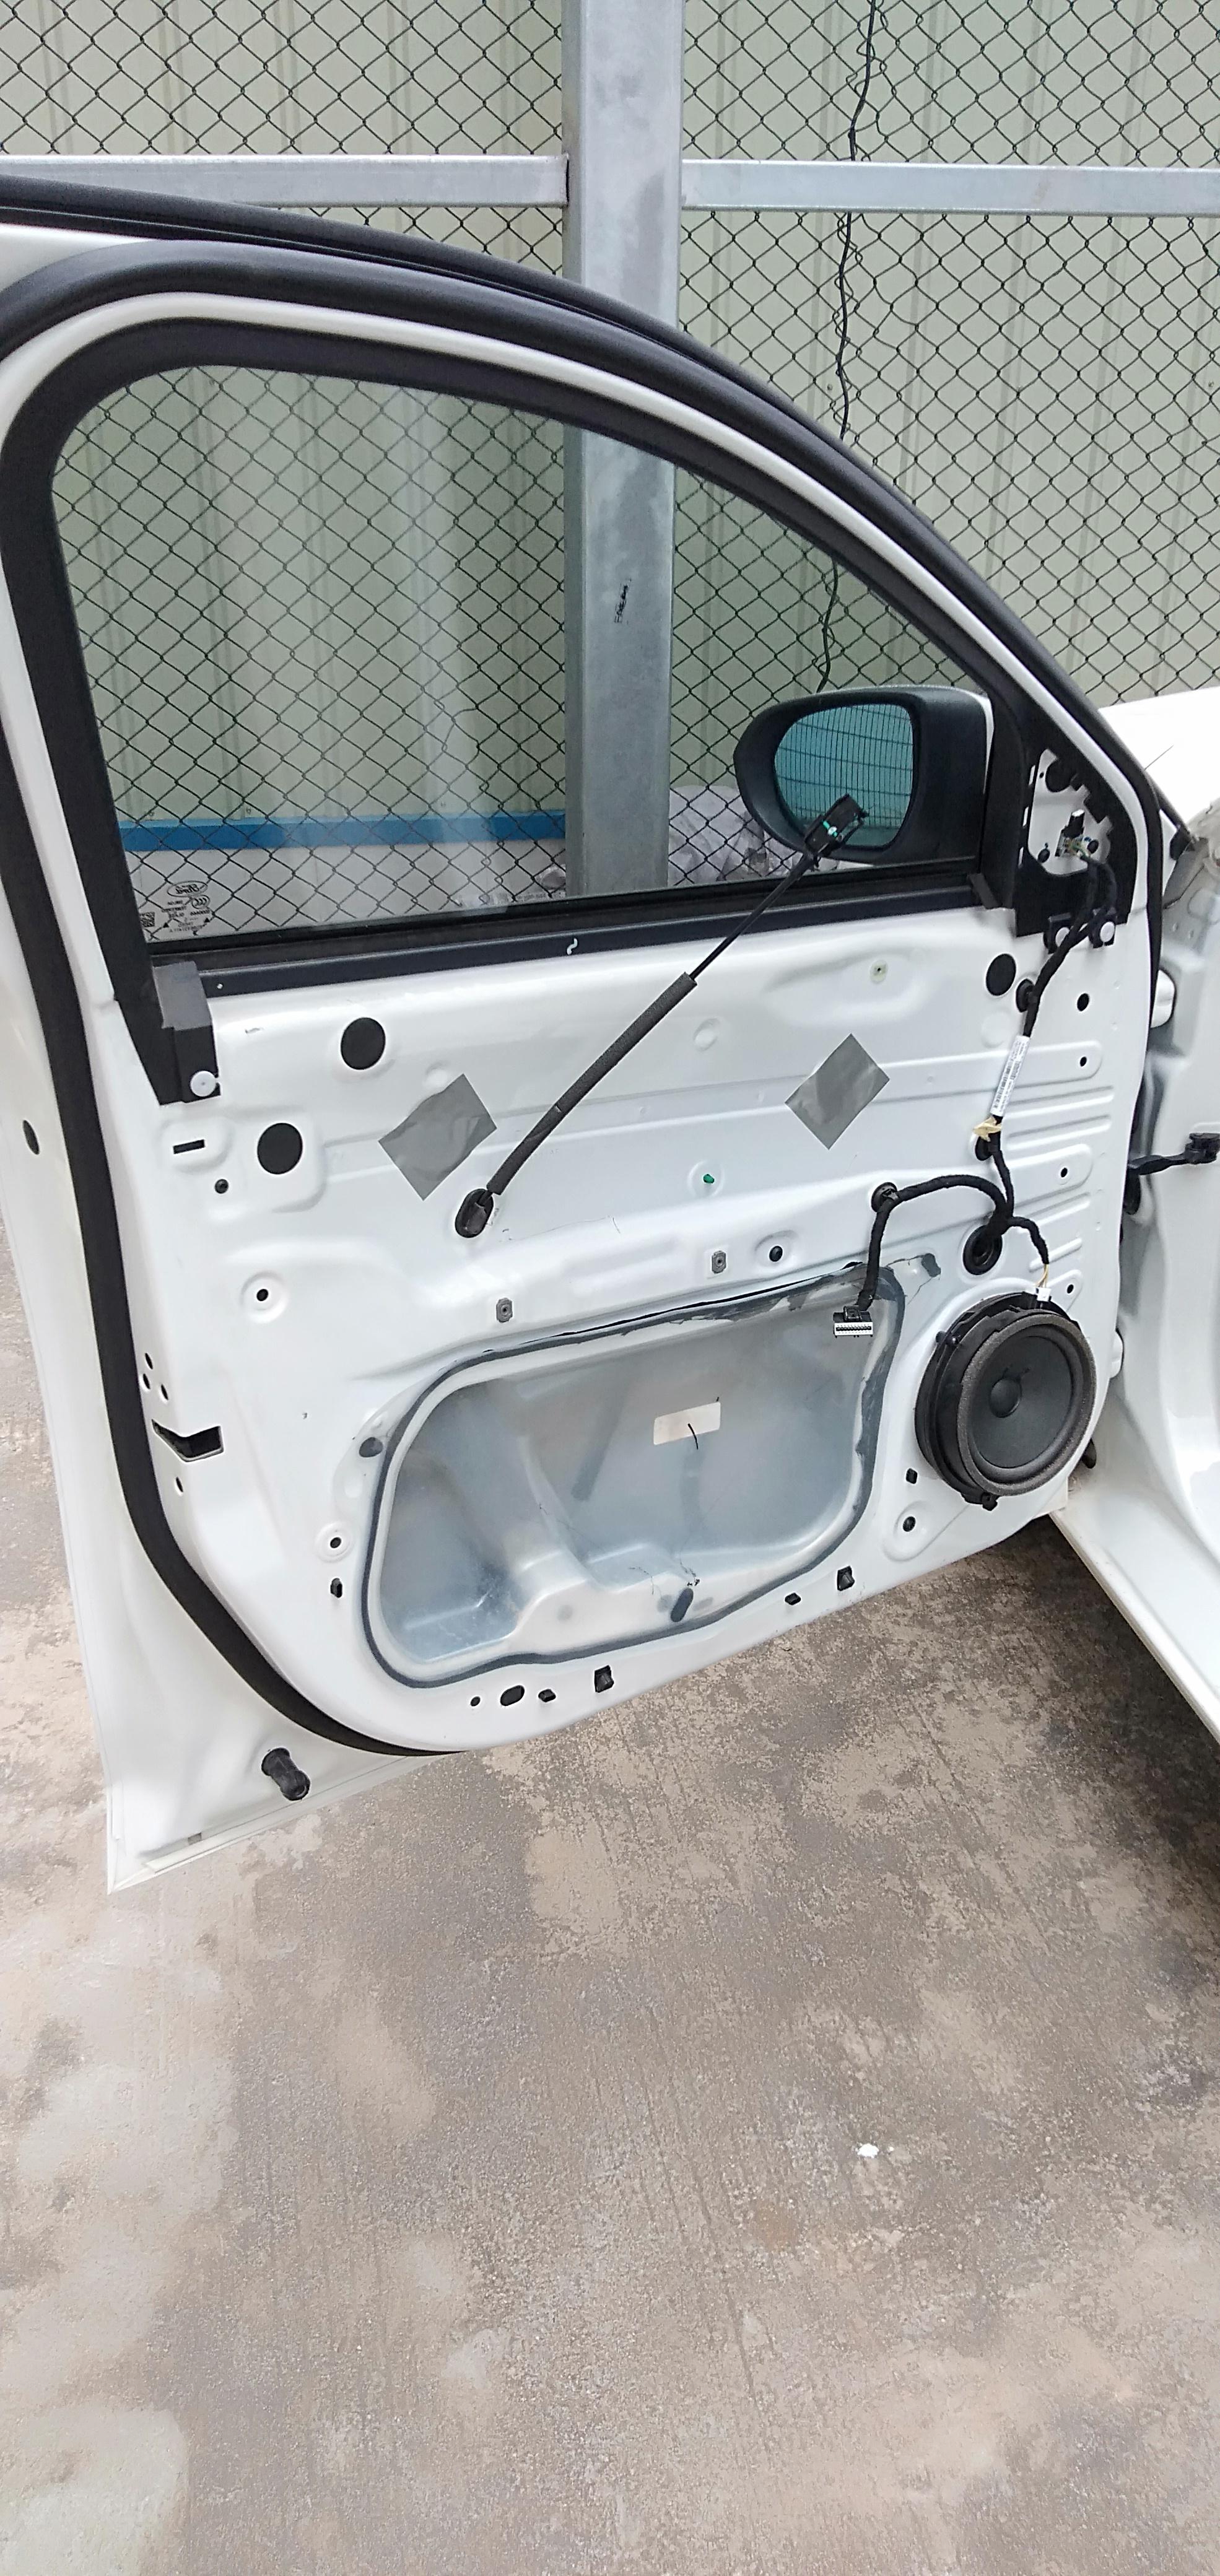 长安福特-福睿斯 驾驶舱左侧门窗不能升降